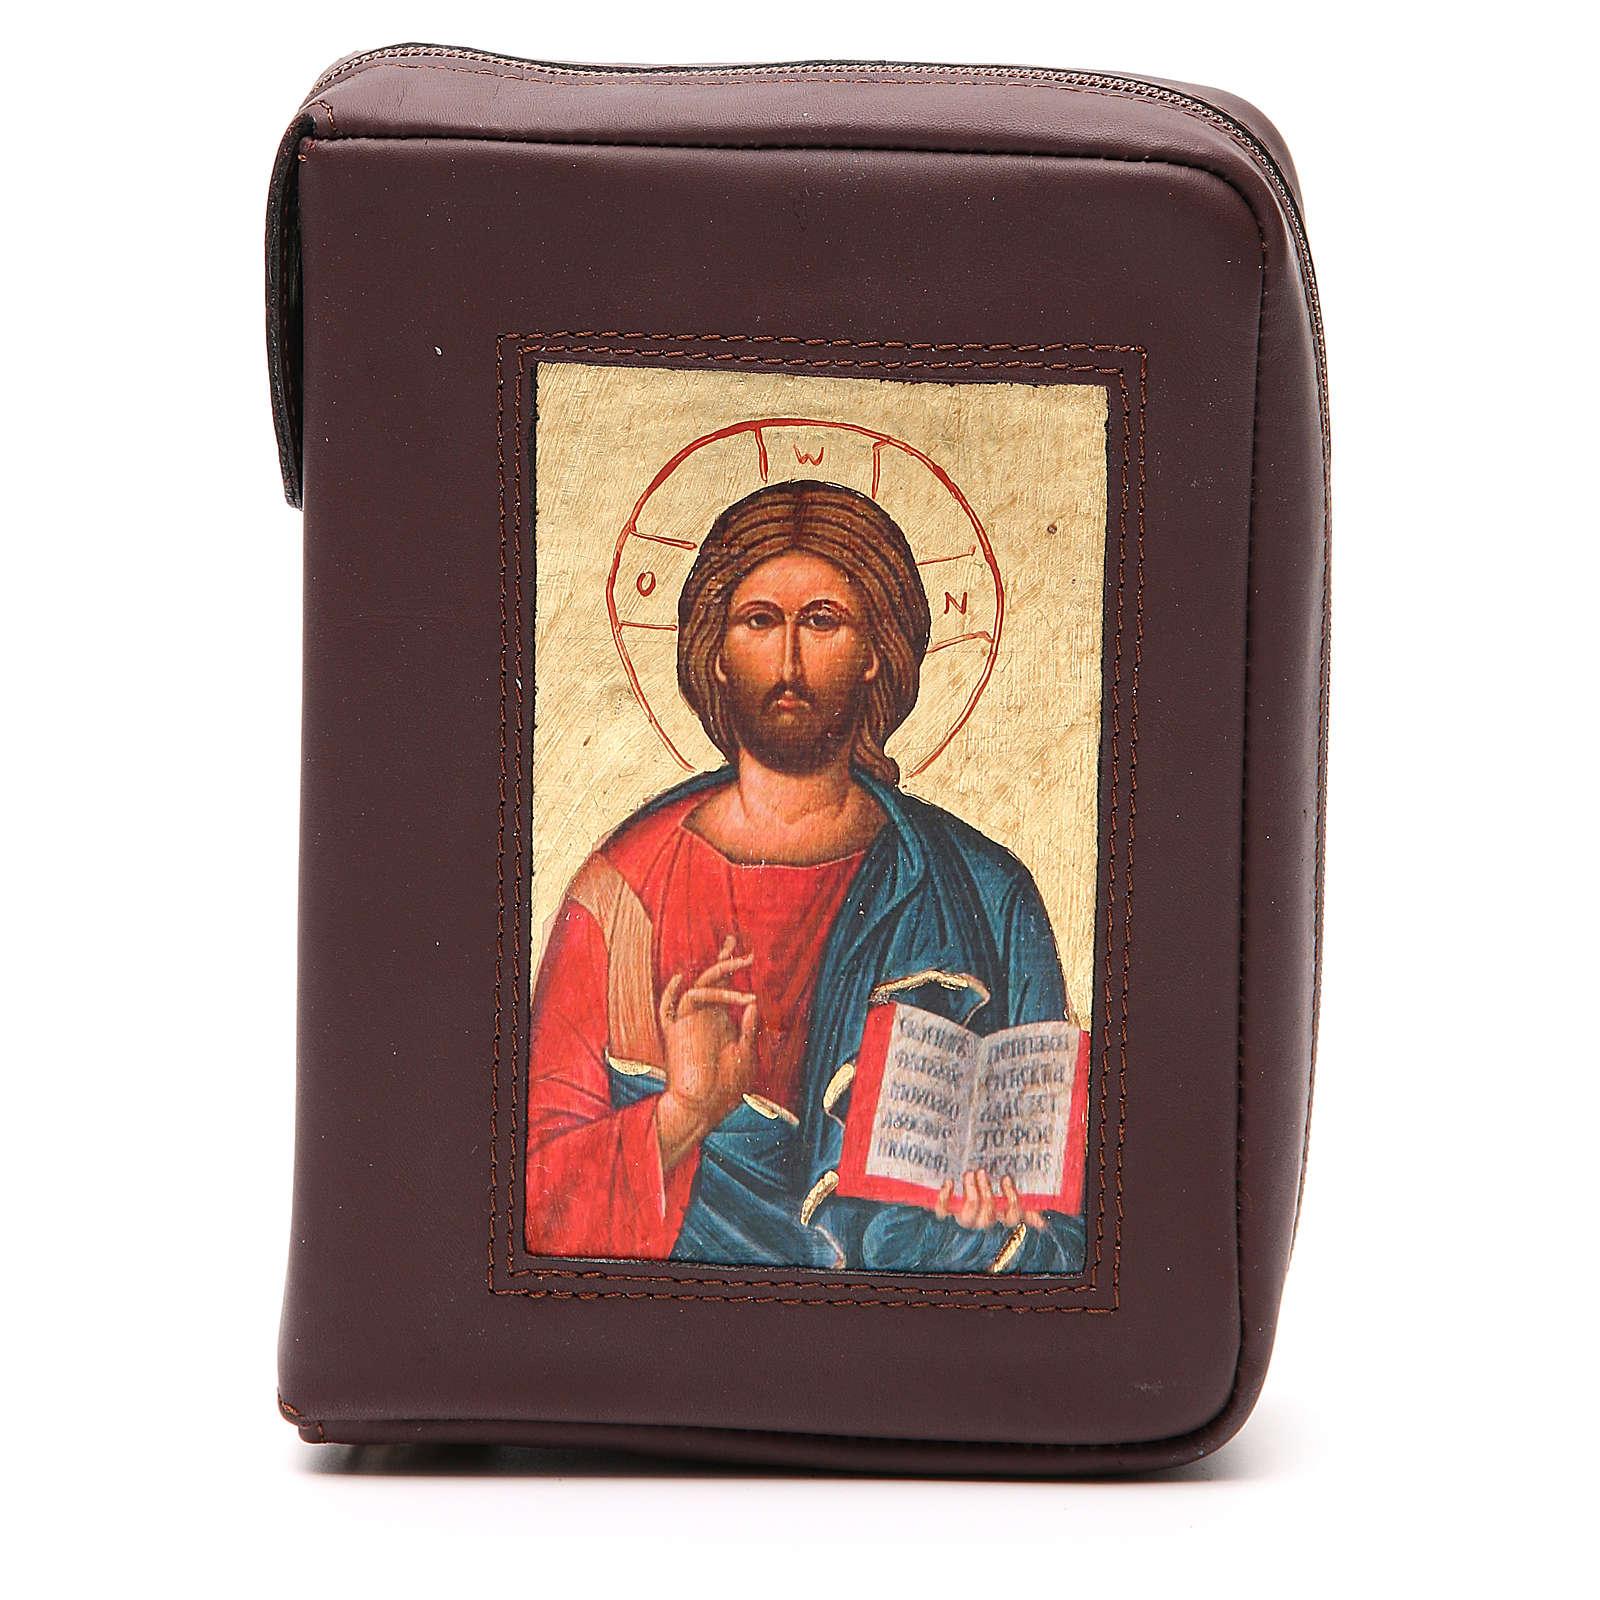 Custodia Bibbia Gerus. Pelle testa di moro Pictografia 4